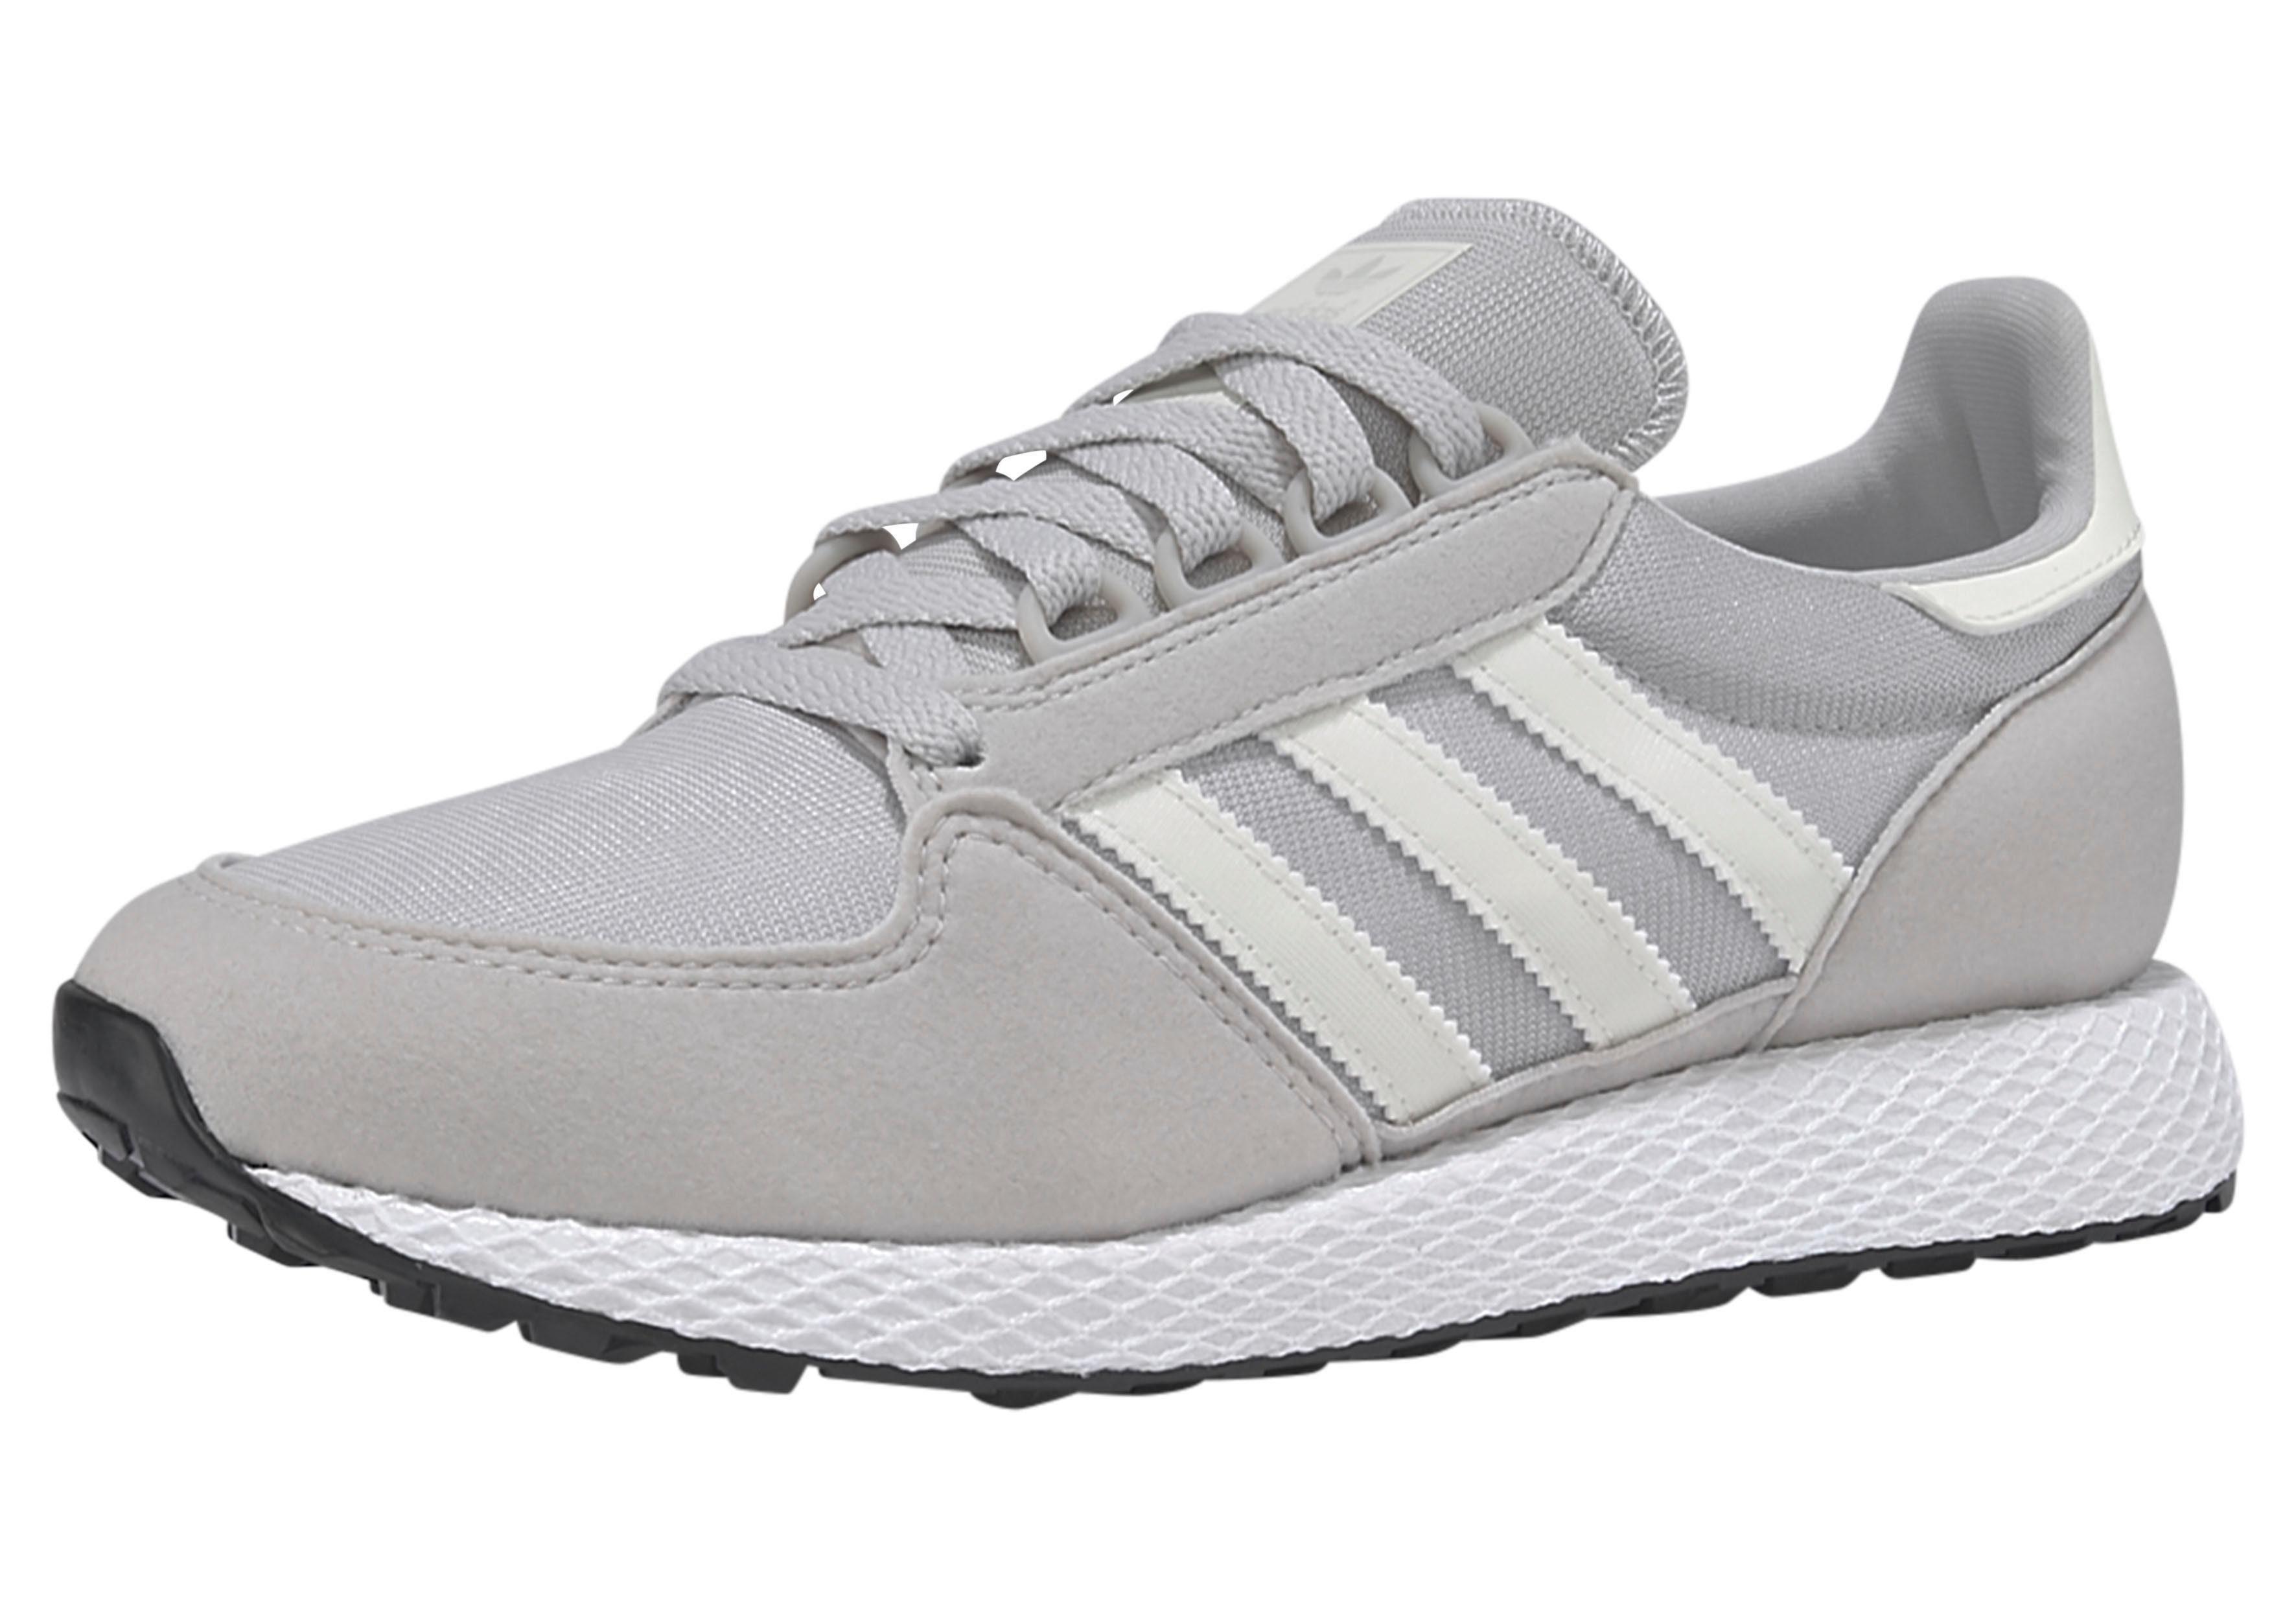 adidas Originals »Forest Grove J« Sneaker, Sportlicher Sneaker von adidas Originals online kaufen | OTTO